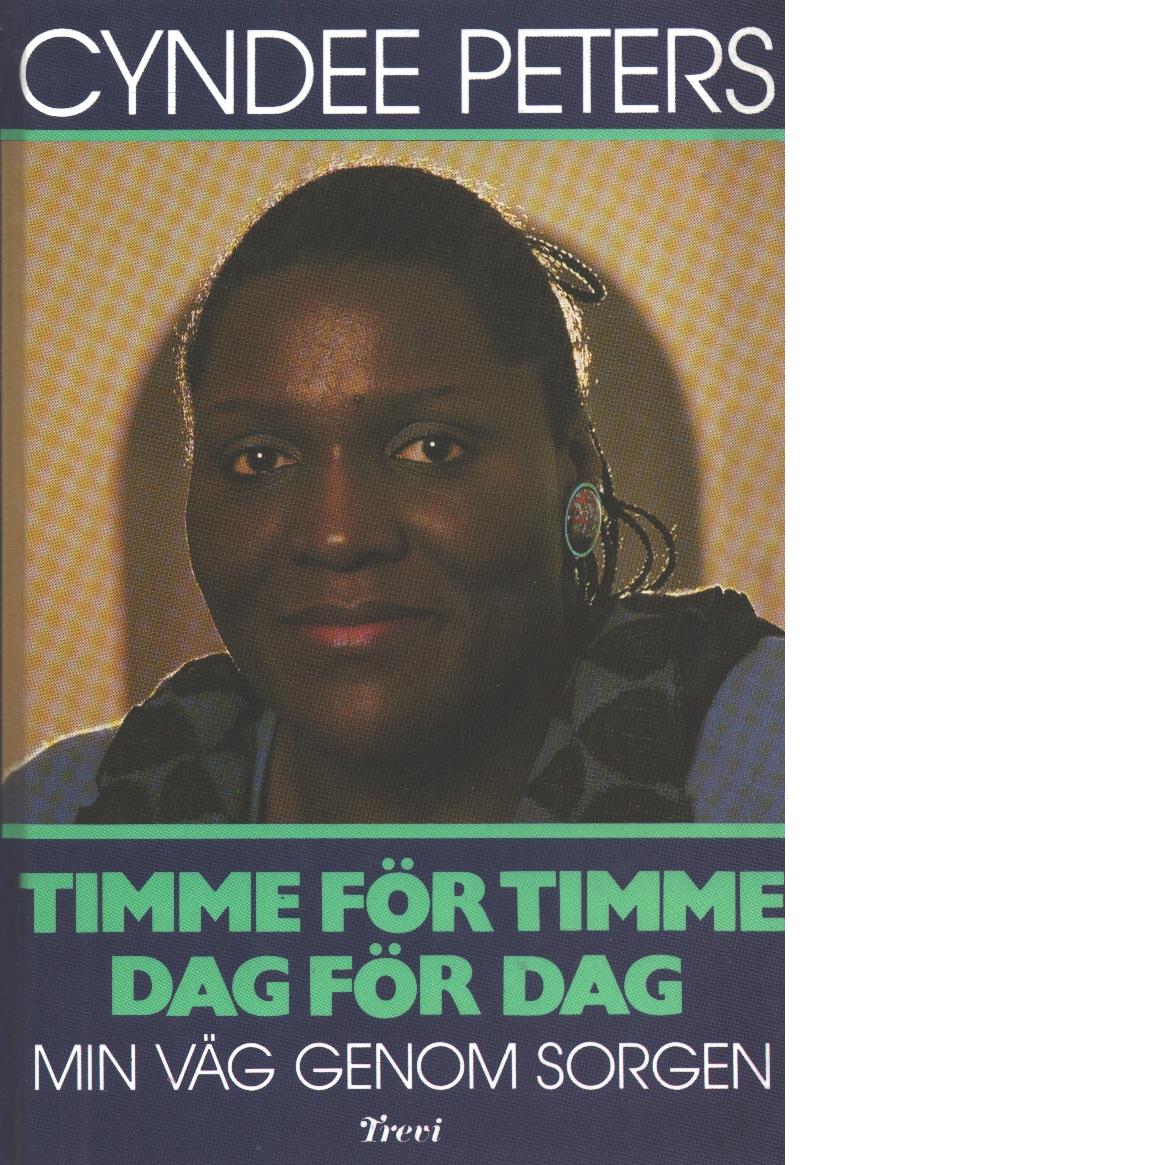 Timme för timme, dag för dag : min väg genom sorgen - Peters, Cyndee